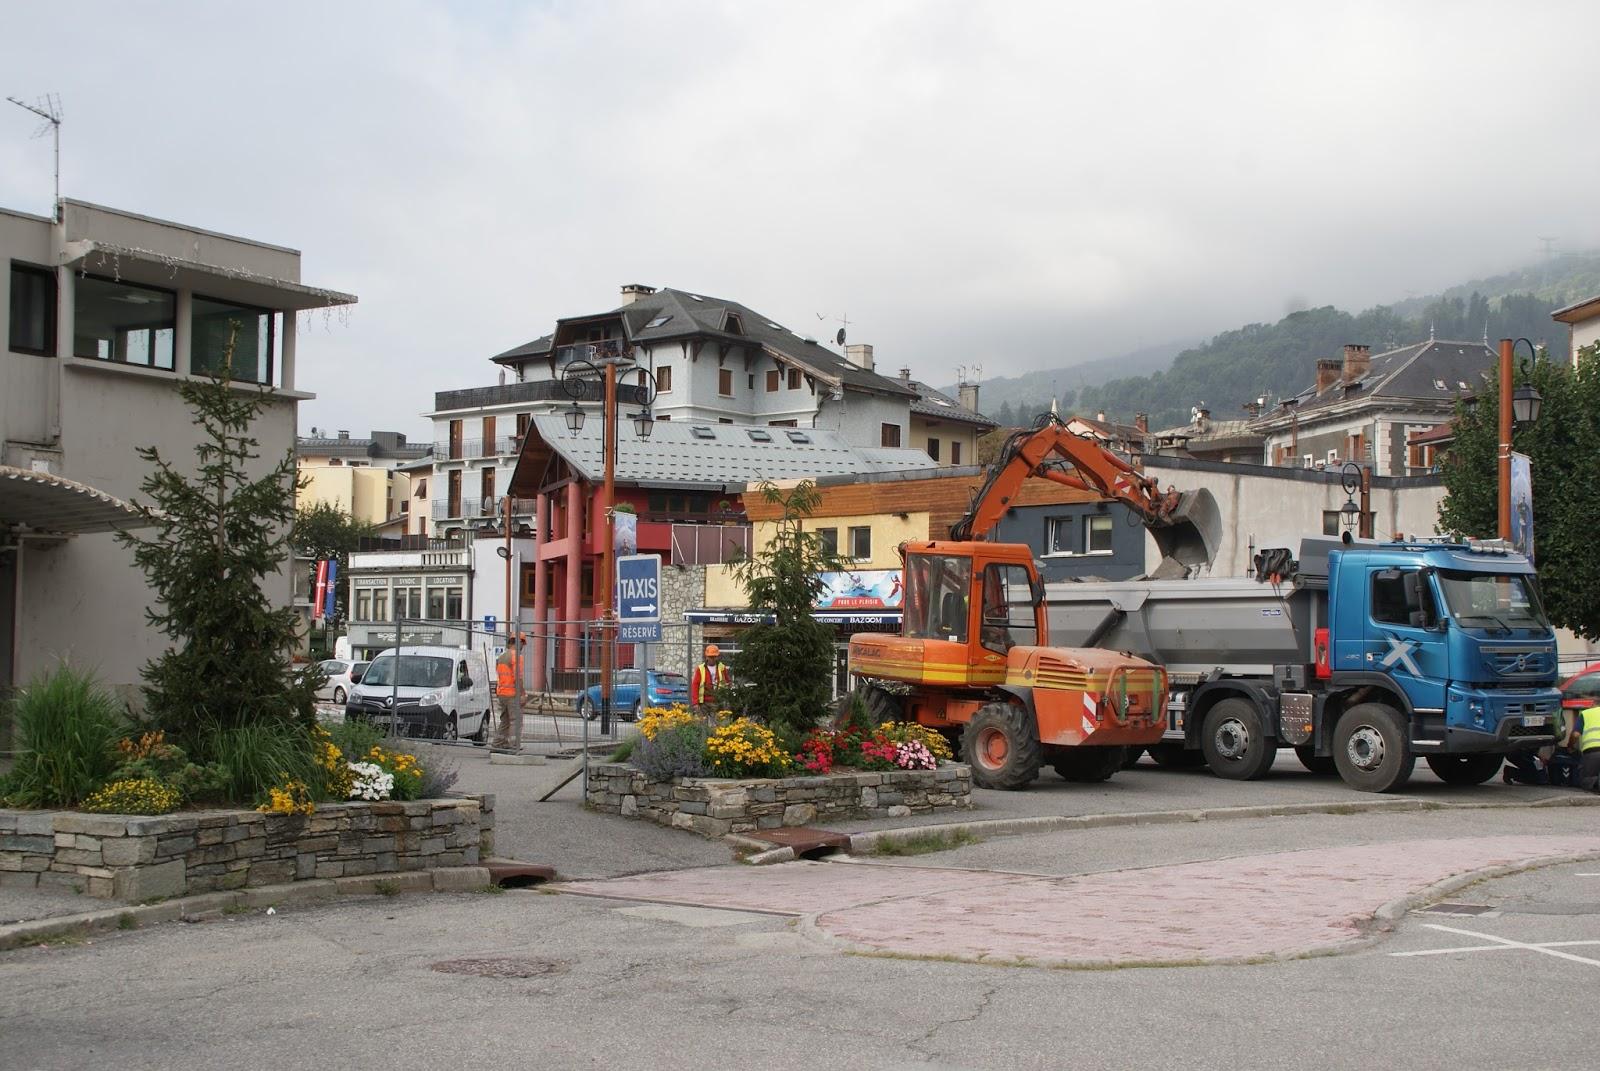 Les derni res infos de haute tarentaise par pierre villeneuve des travaux en centre ville a - Office de tourisme de bourg saint maurice ...